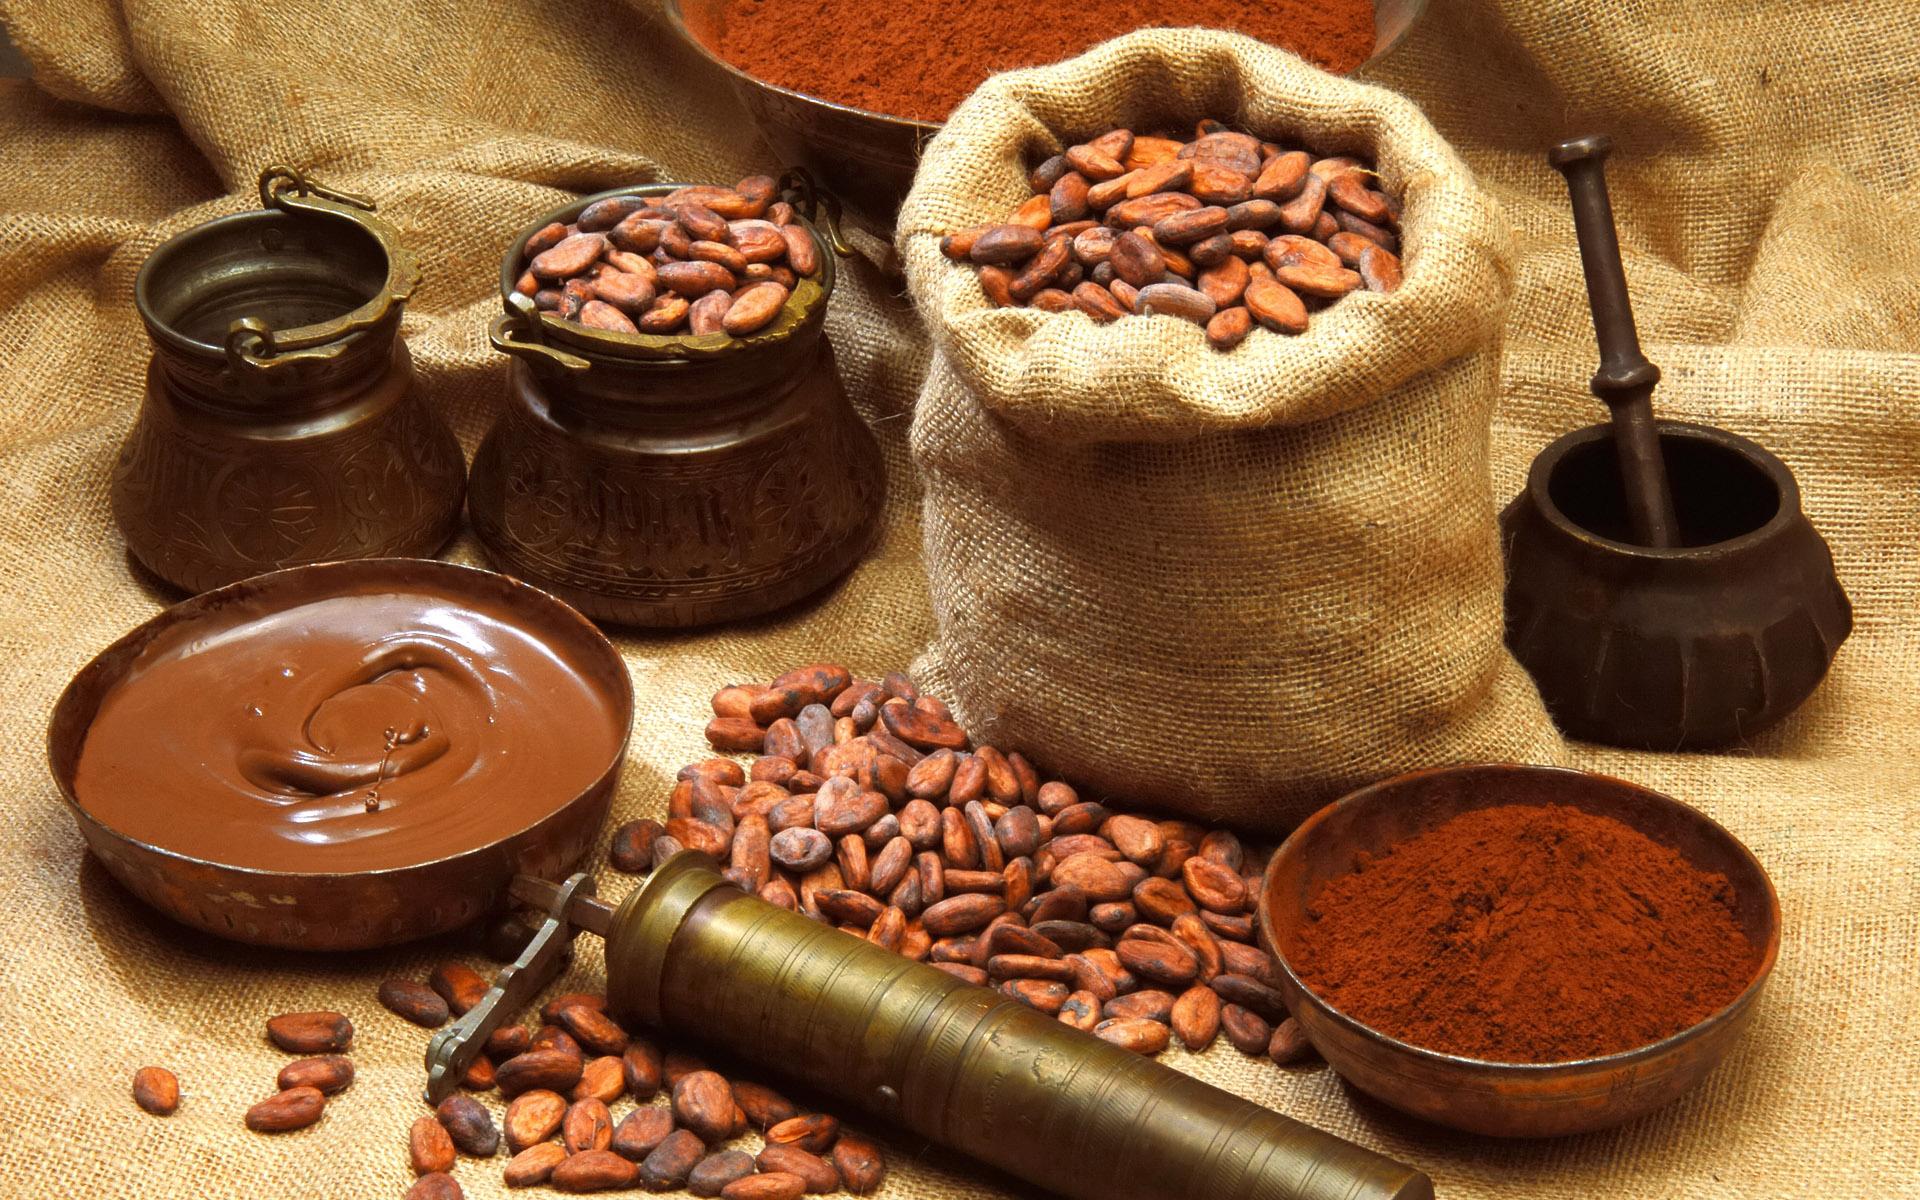 Buena producción del grano el año anterior. Colombia distribuyó 59.665 toneladas de cacao en 2019 | Nacional | Economía | EL FRENTE